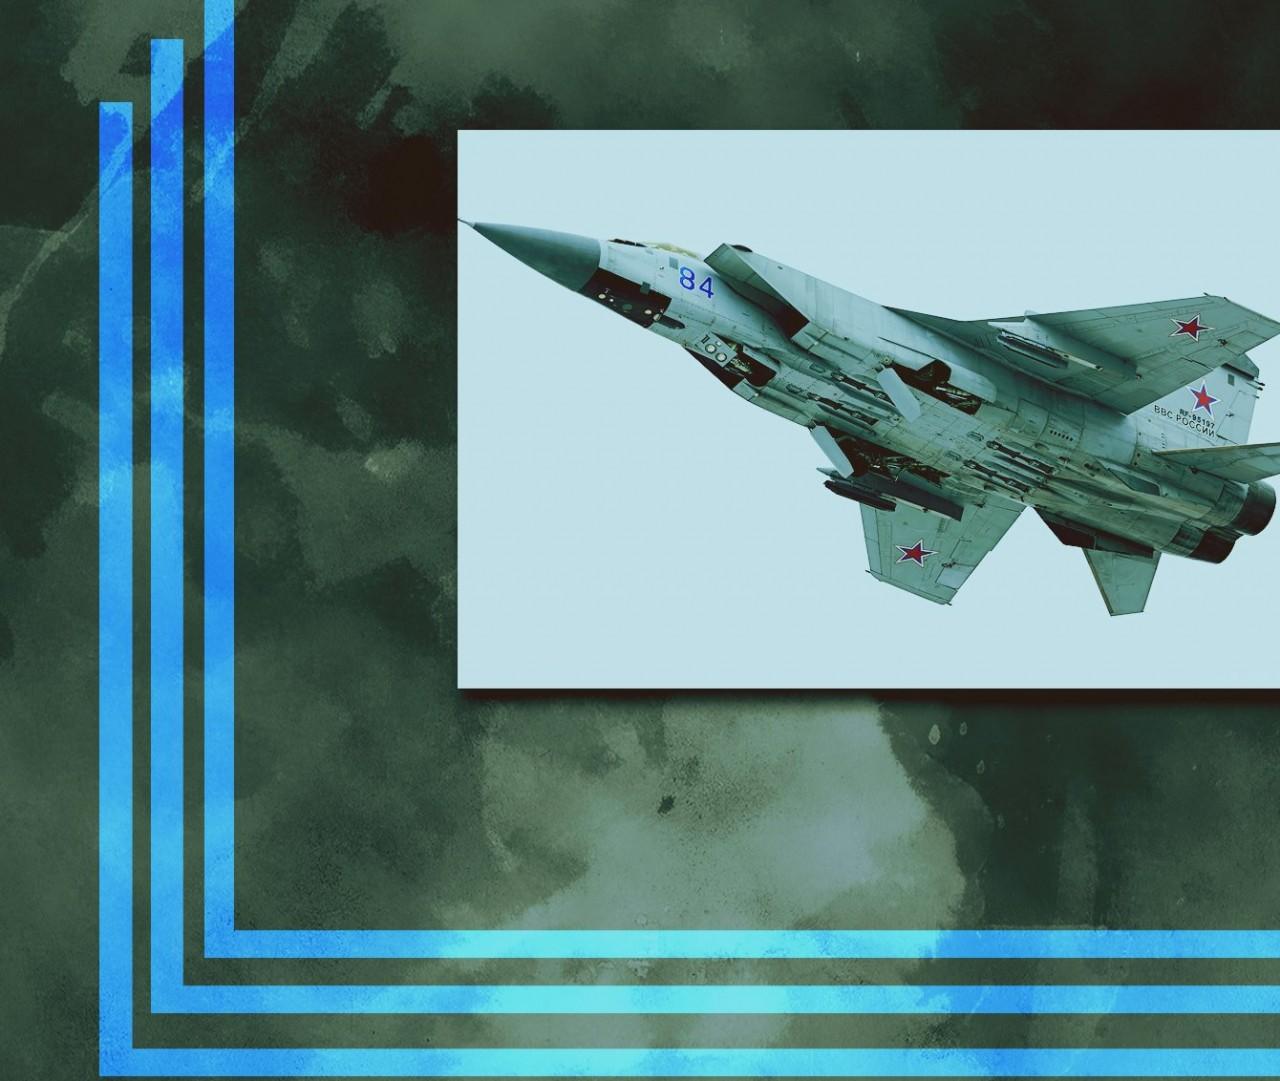 Выход в стратосферу: стало известно о космических возможностях МиГ-31